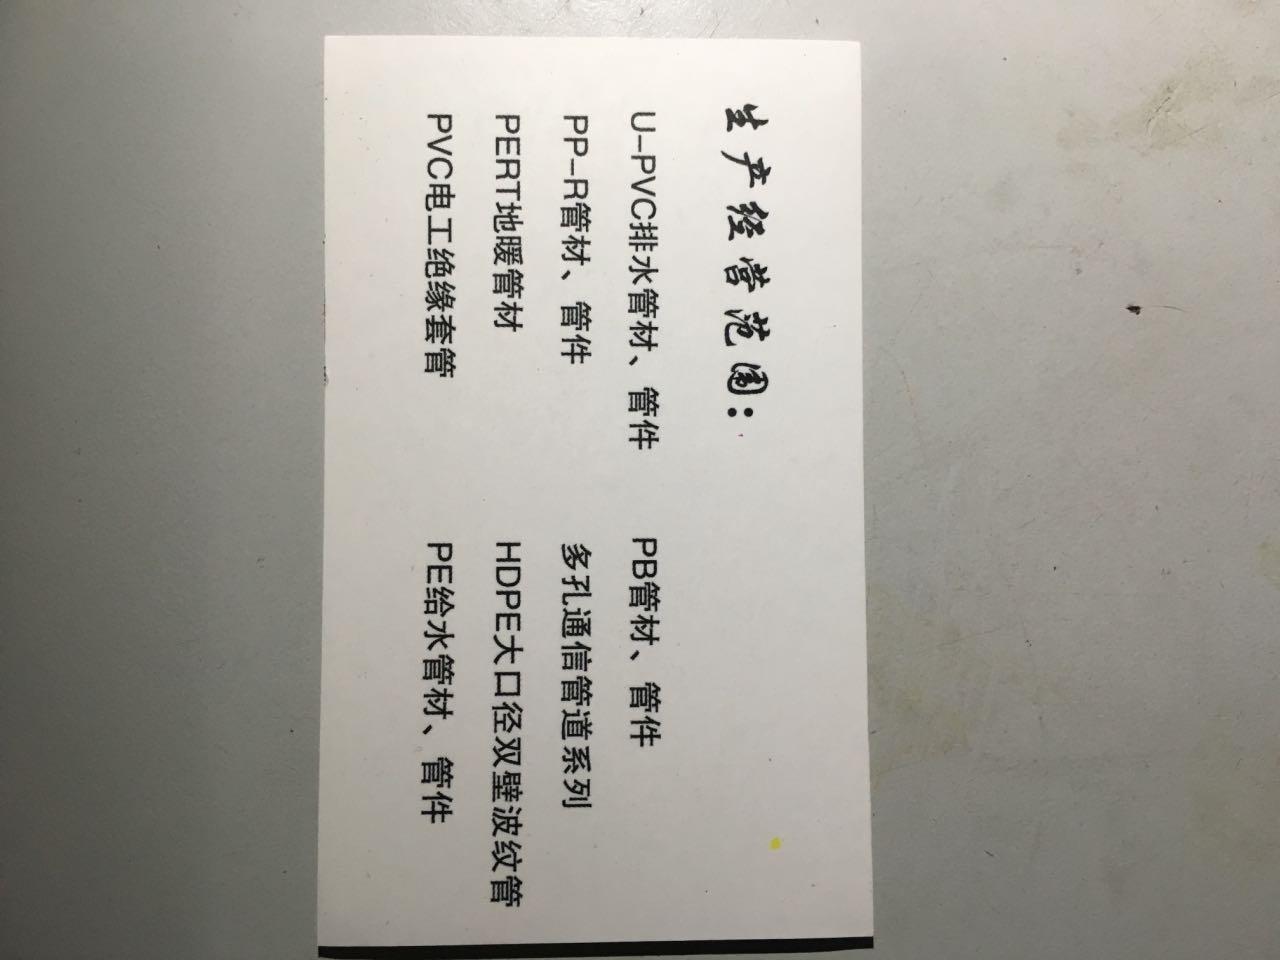 来自夏文双发布的商务合作信息:宏信管道,厂家直销各种管材... - 深圳市明依特贸易有限公司